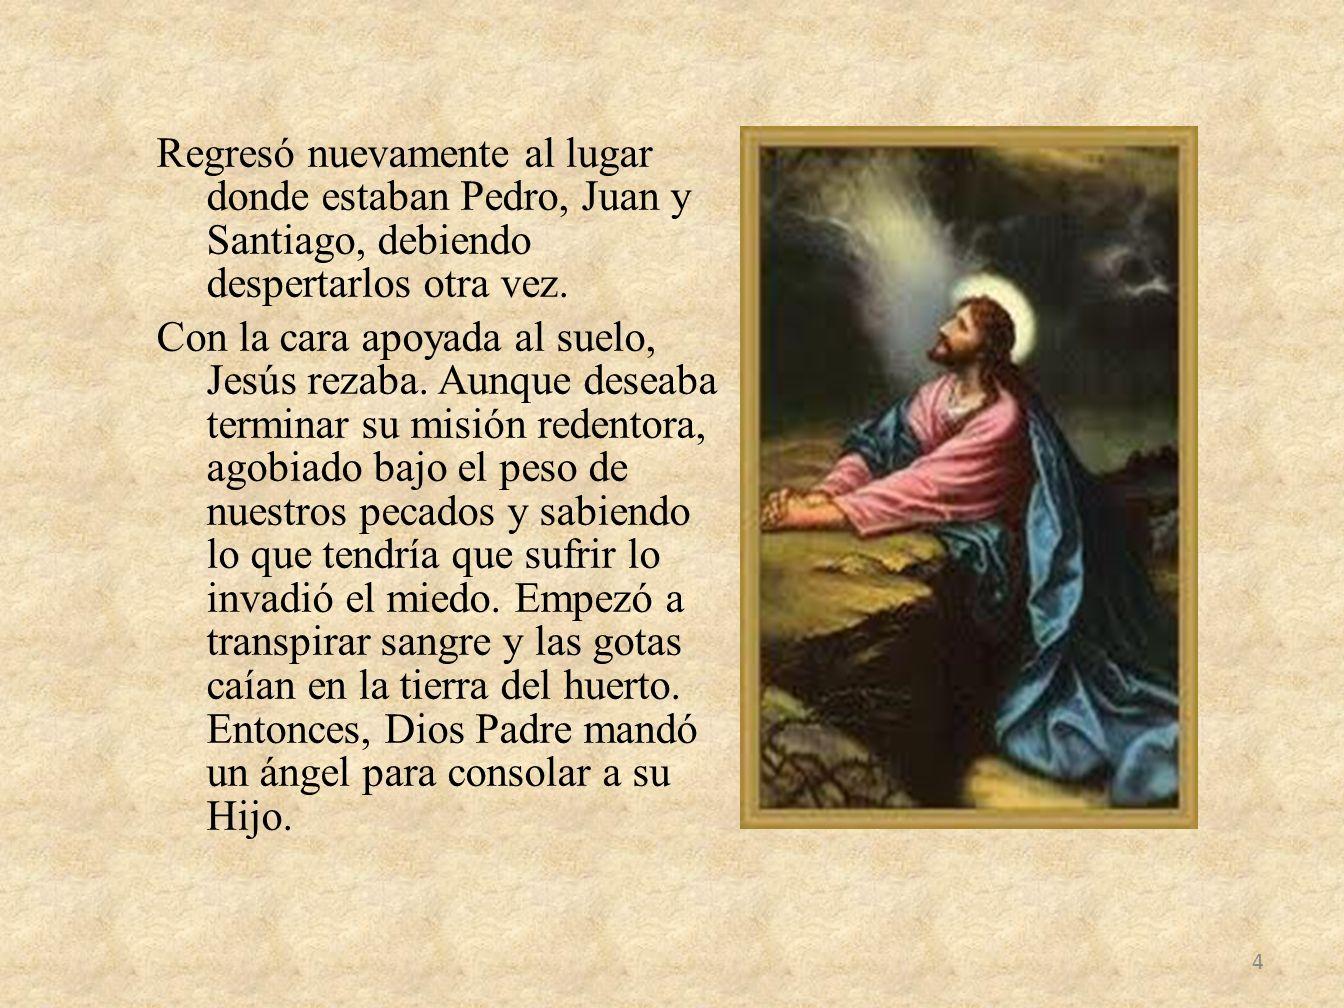 Regresó nuevamente al lugar donde estaban Pedro, Juan y Santiago, debiendo despertarlos otra vez. Con la cara apoyada al suelo, Jesús rezaba. Aunque d